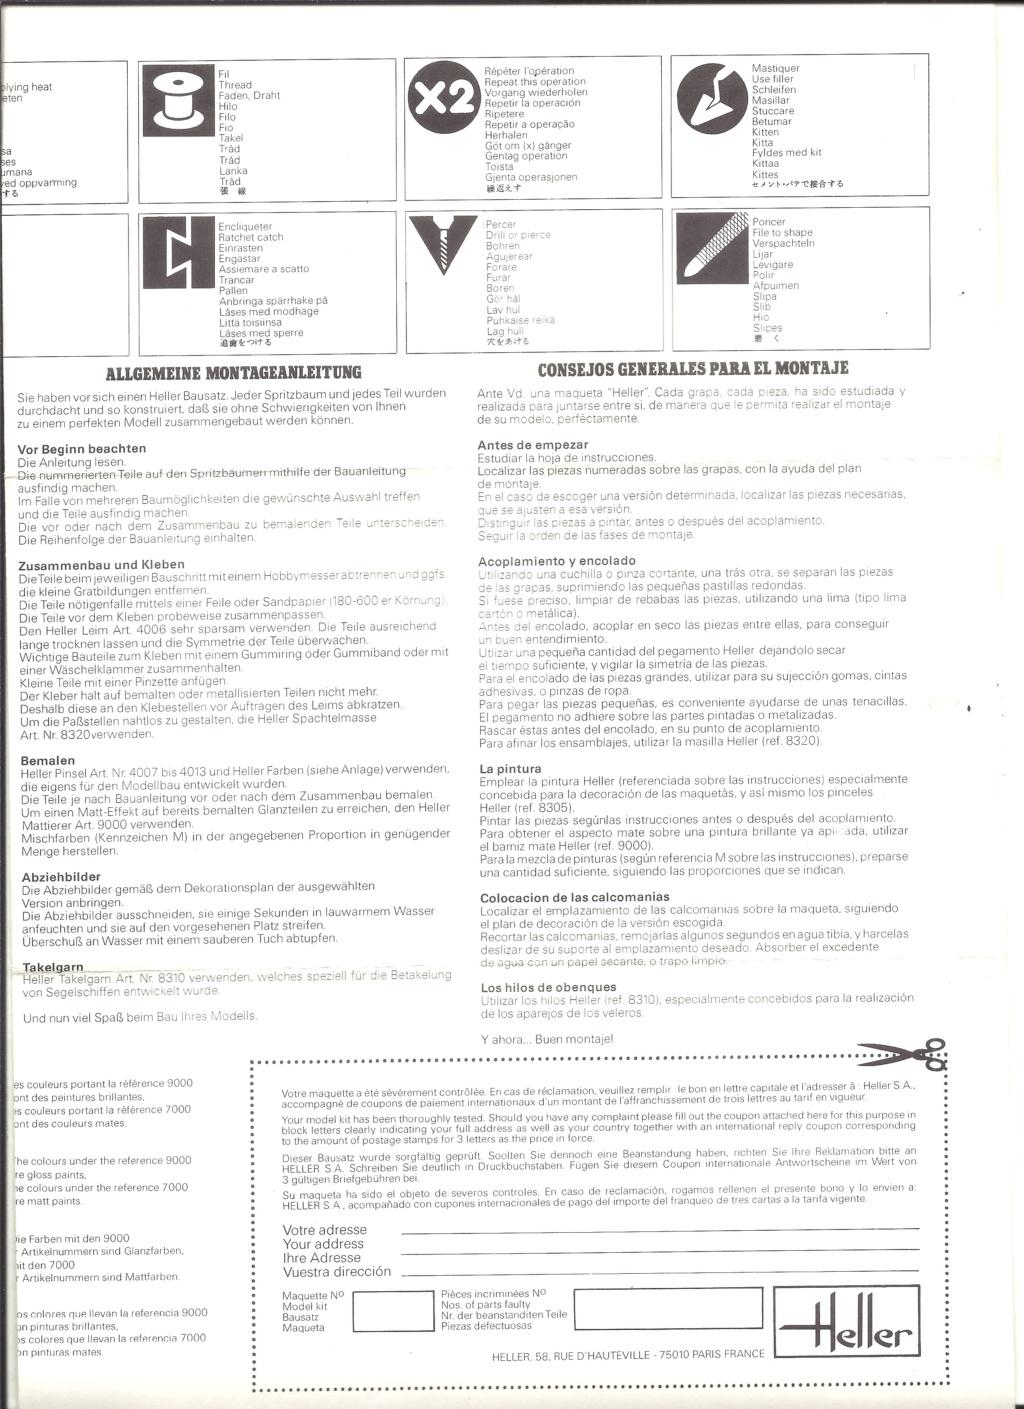 DASSAULT-BREGUET DORNIER ALPHA JET 1/72ème Ref 257 Notice Helle654